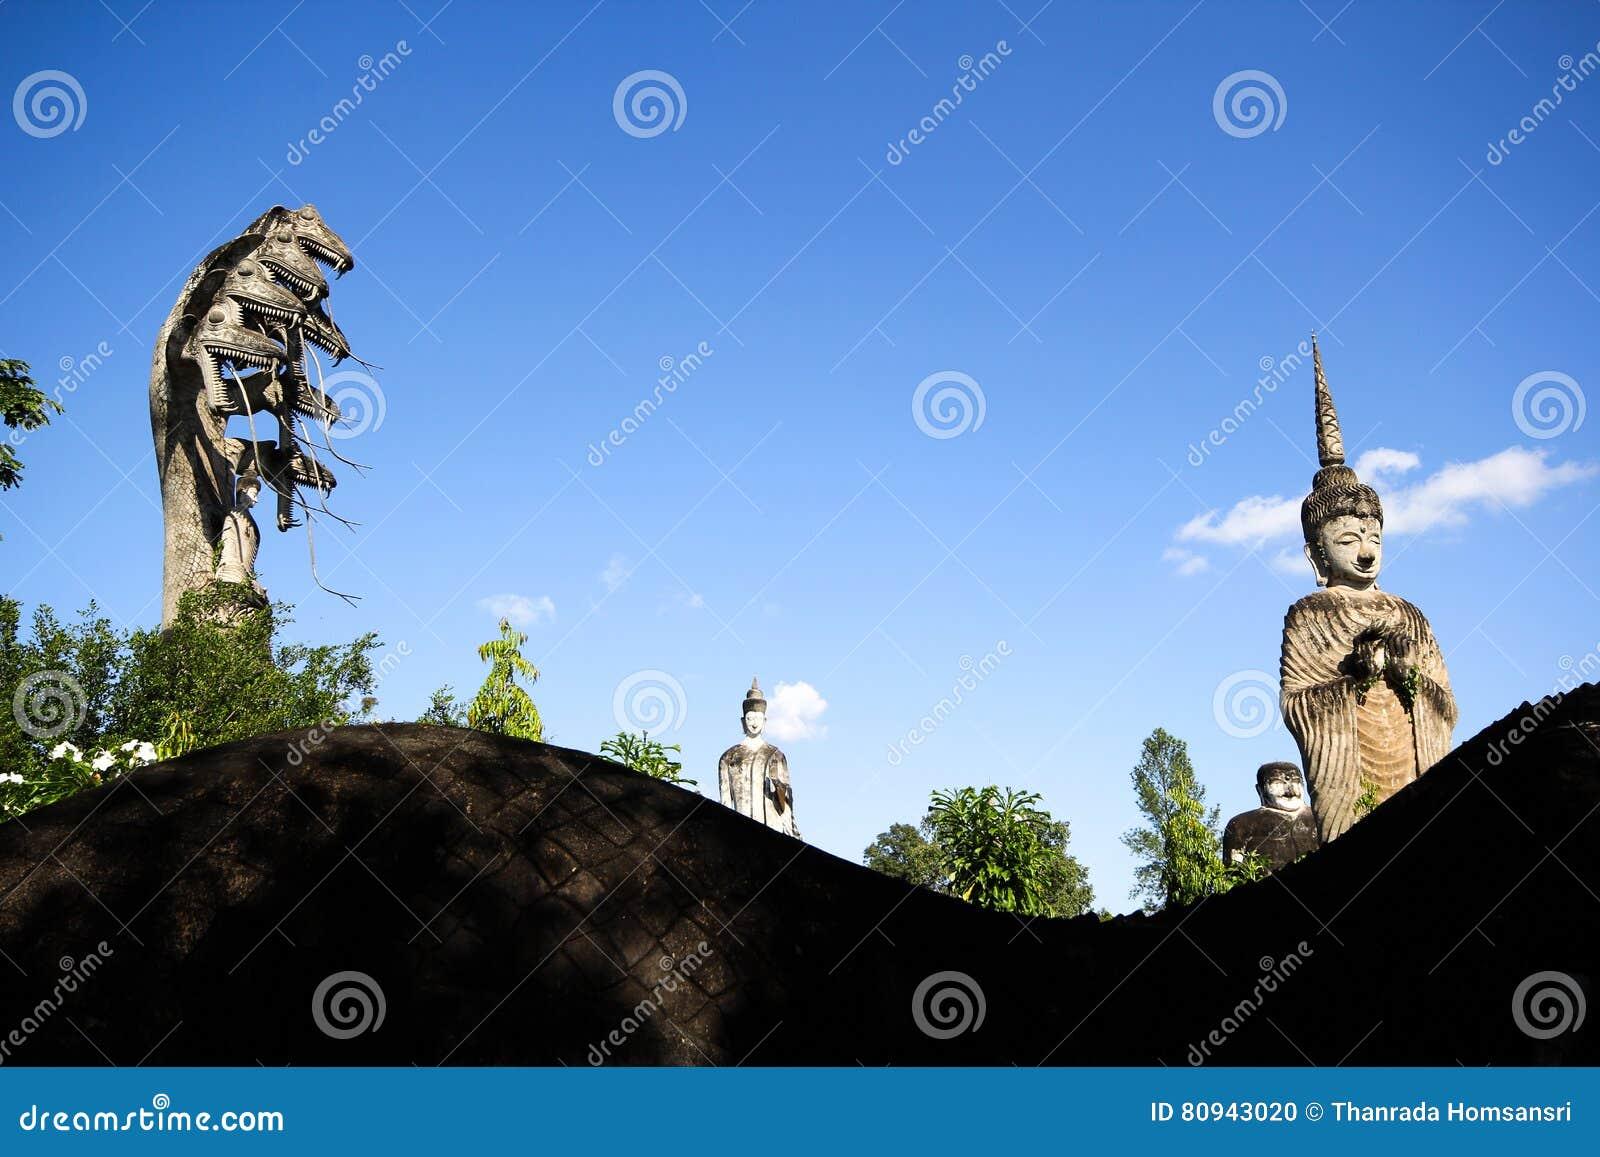 Statues in the Sculpture Park - Nong Khai, Thailand